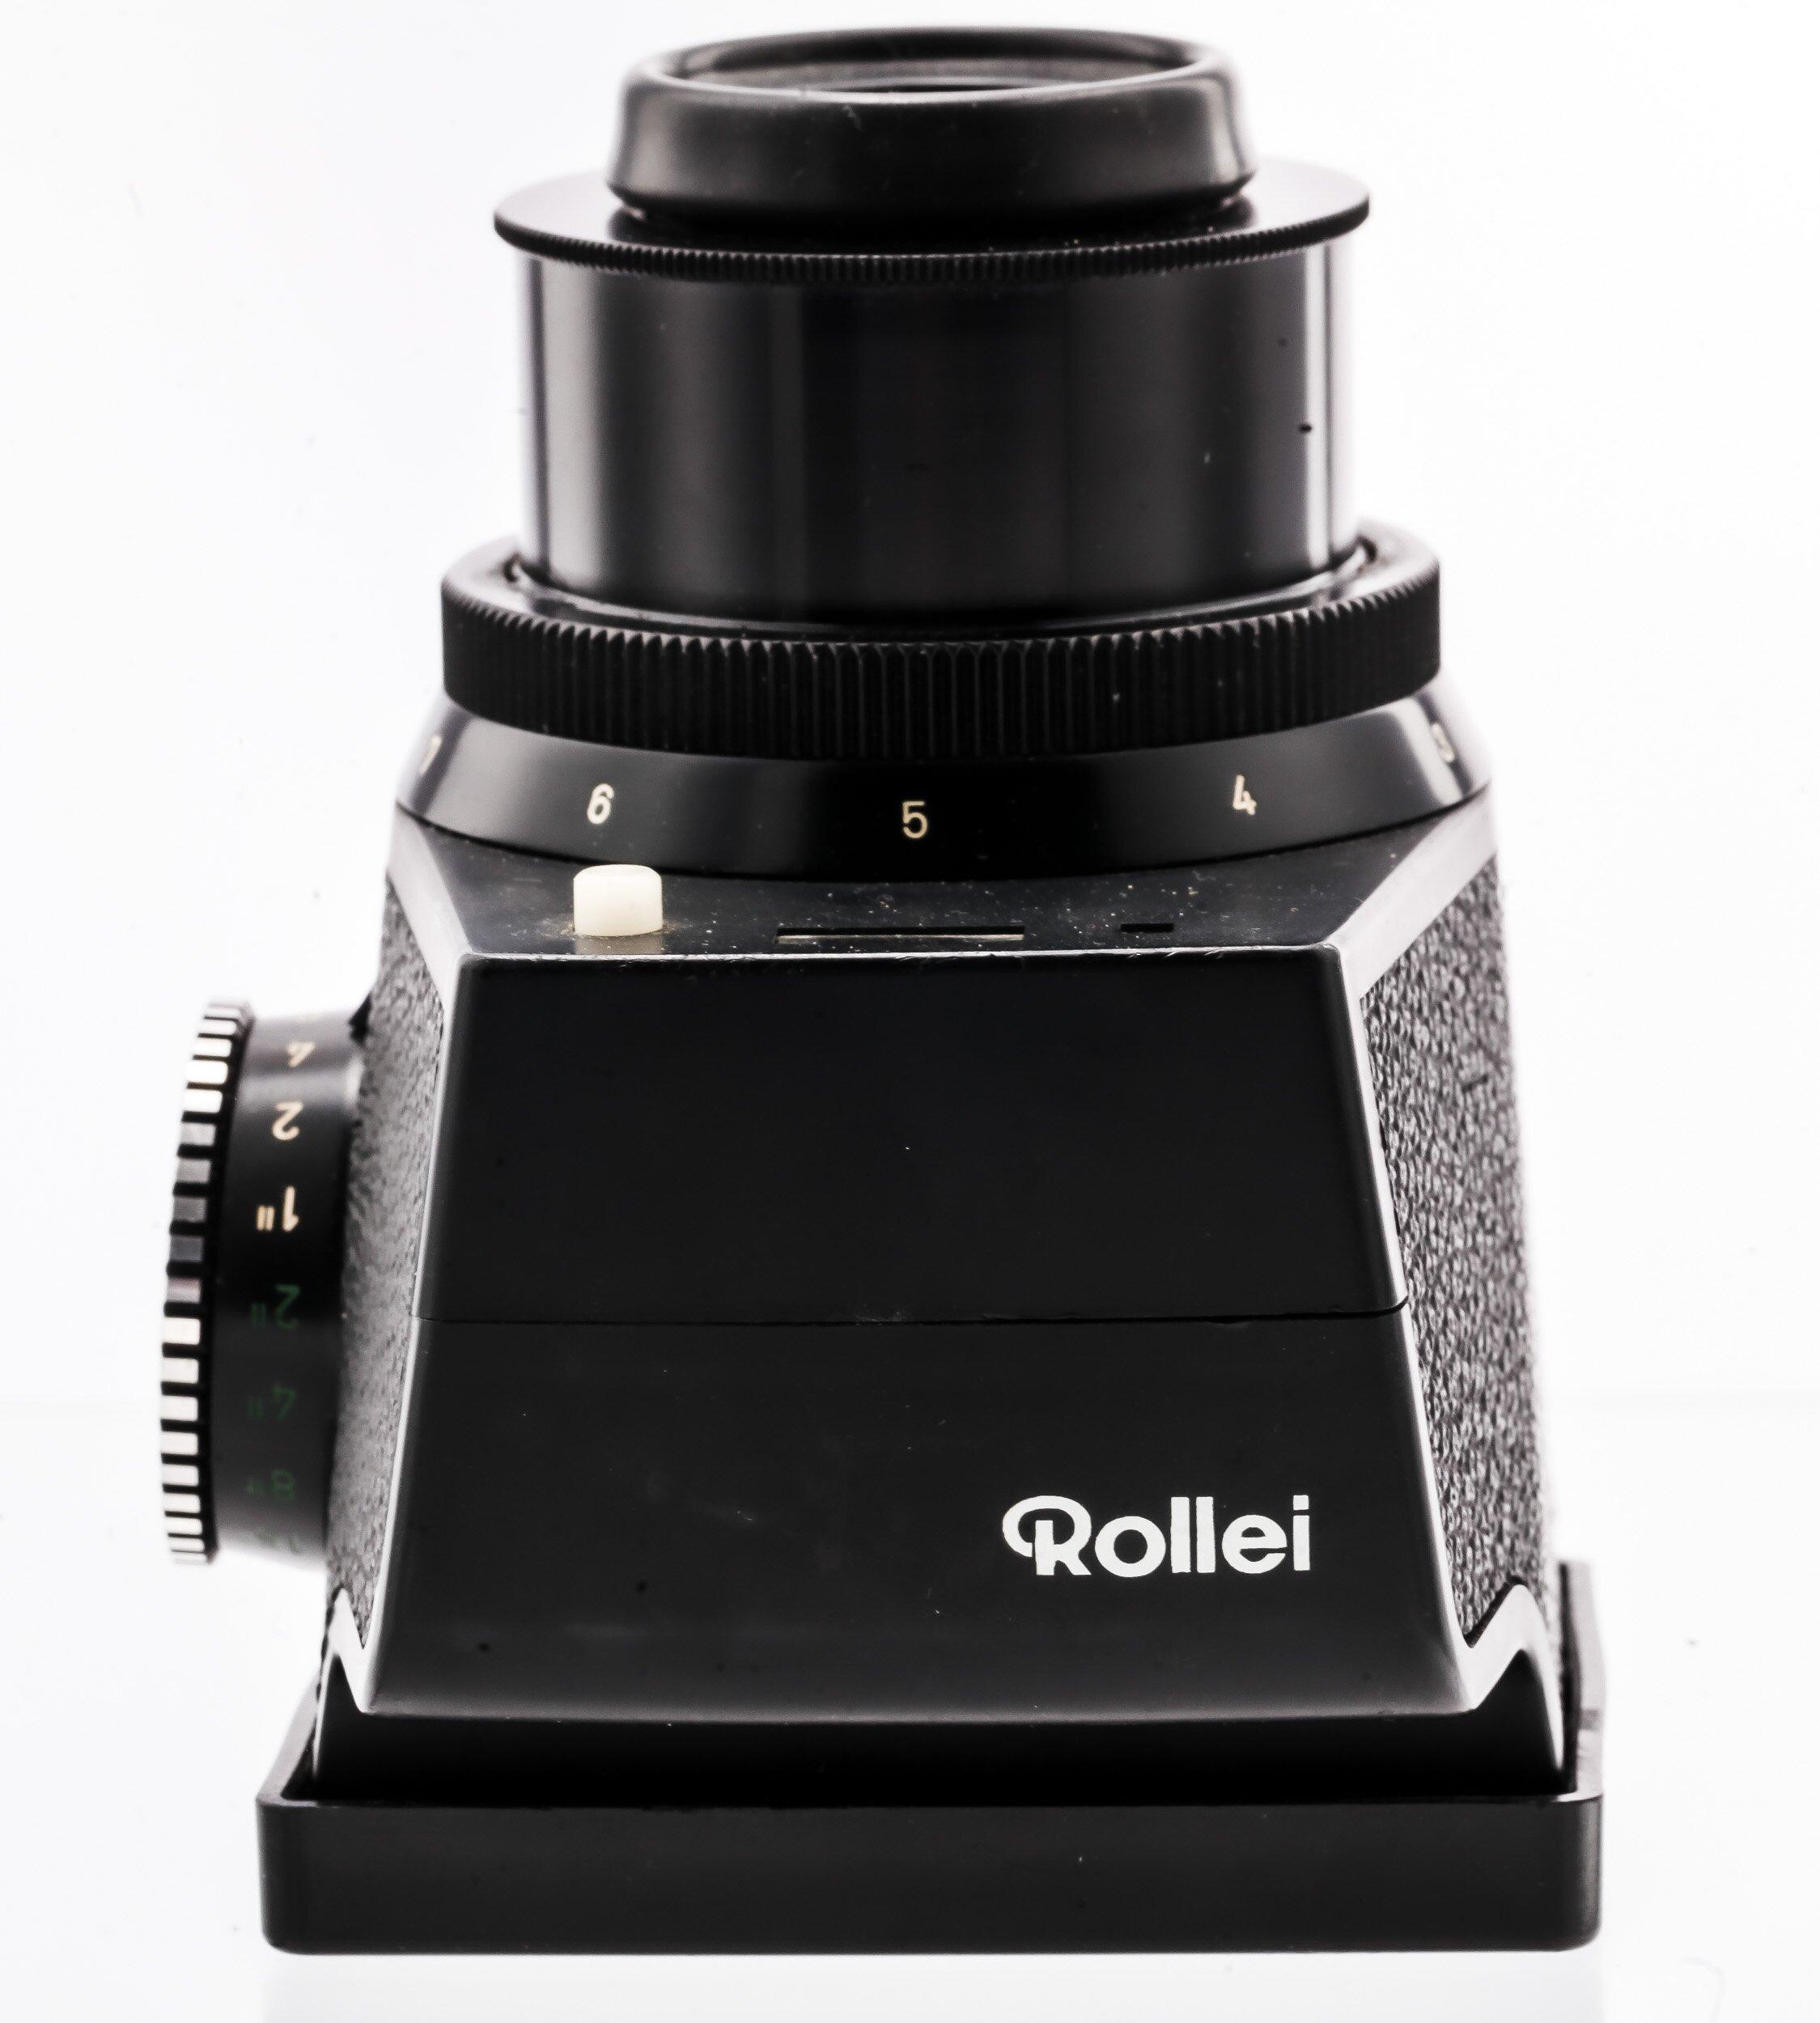 Rolleiflex SL66 Lupensucher